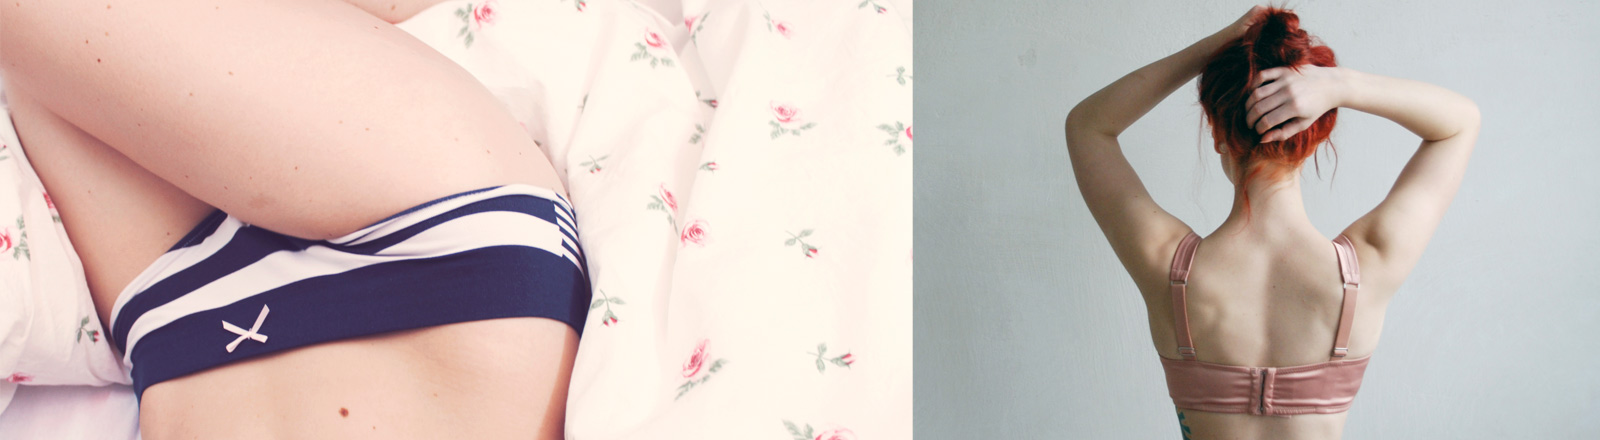 Collage: gestreifter Slip, rosa BH